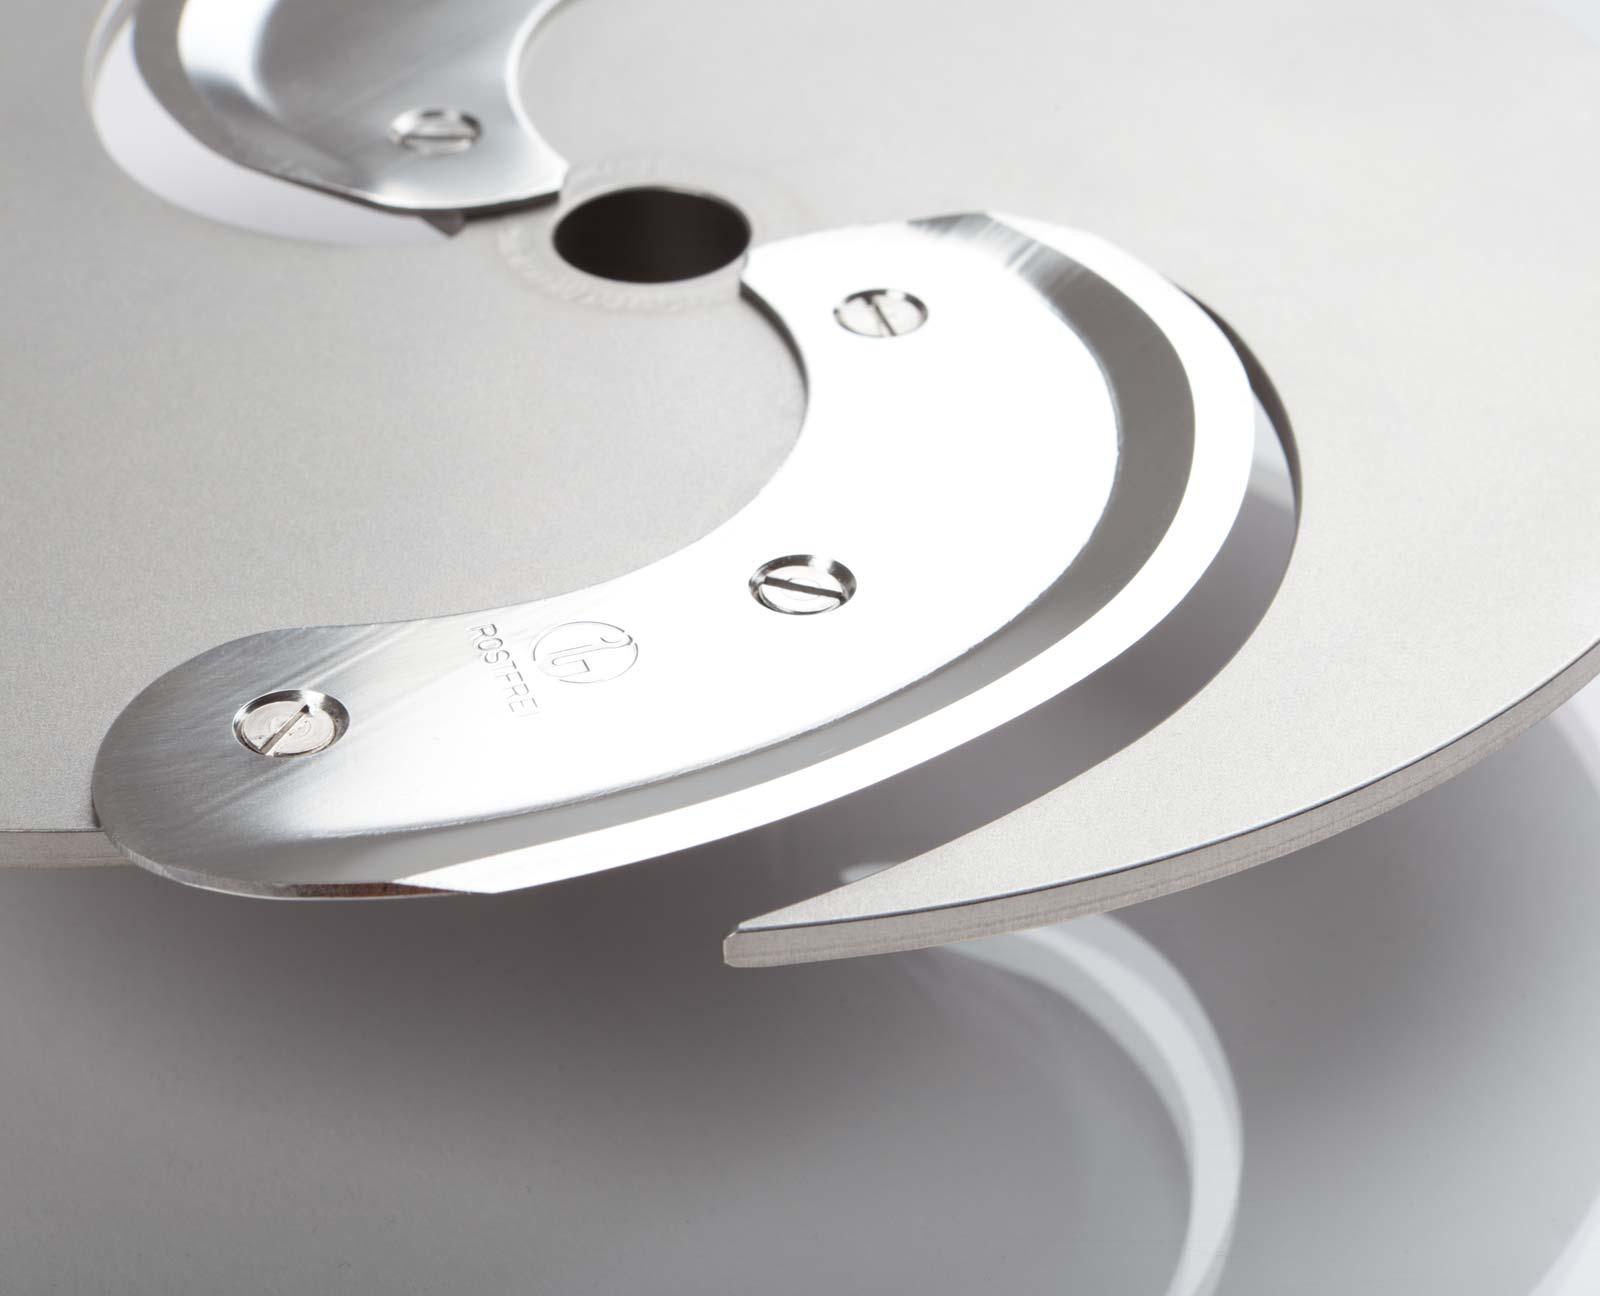 Feuma Supra 6e Multifunktions-Küchenmaschine für die Profiküche - Werkzeug